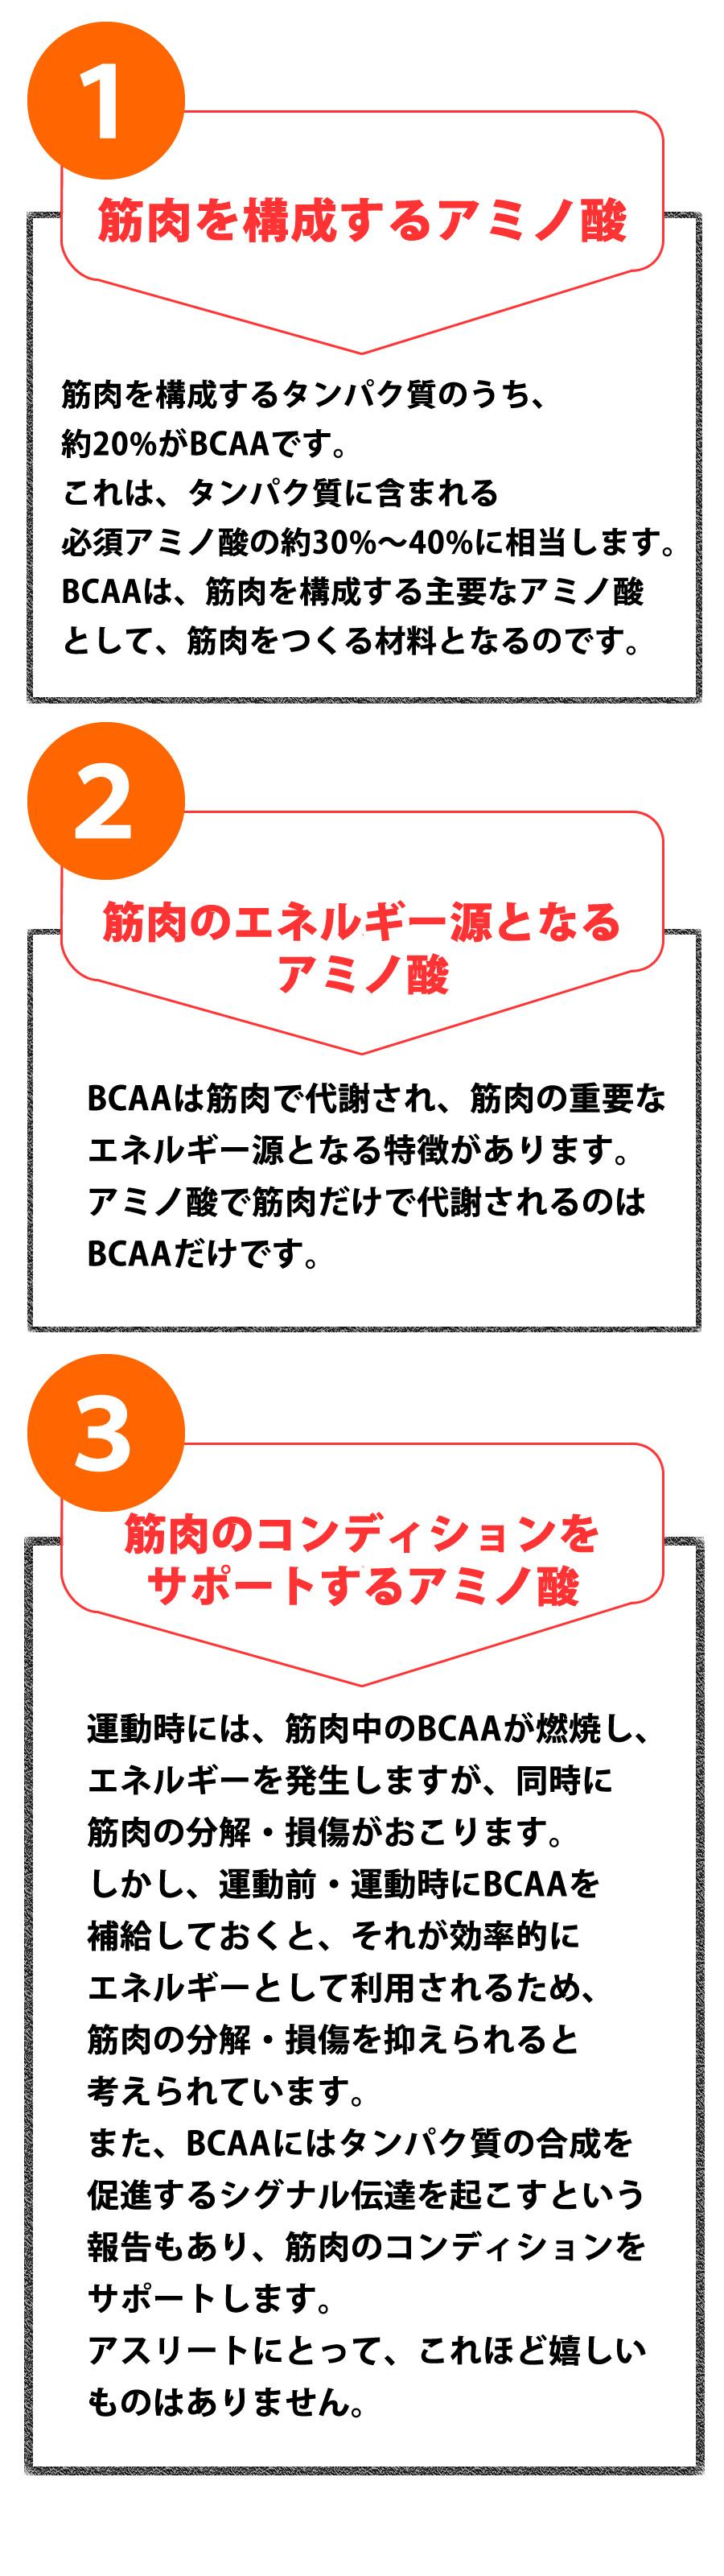 BCAA説明19